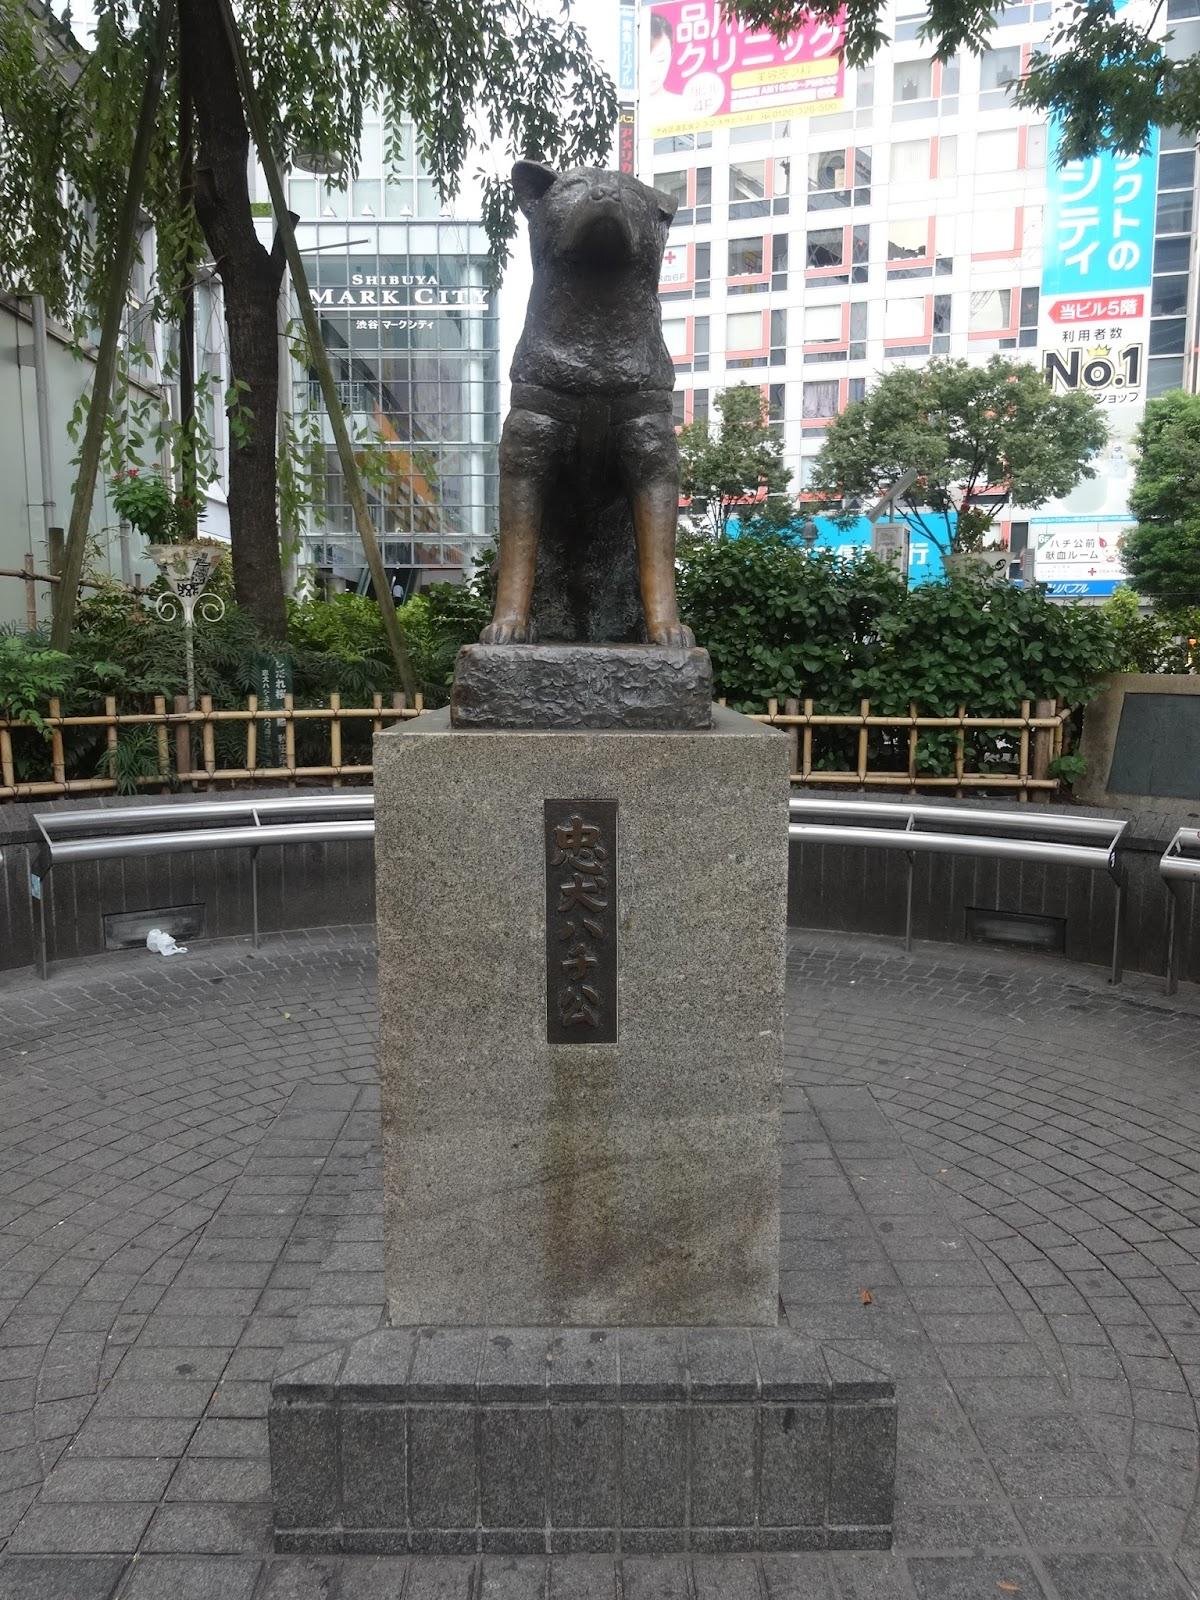 渋谷ハチ公,犬,正面,銅像〈著作権フリー画像〉Free Stock Photos